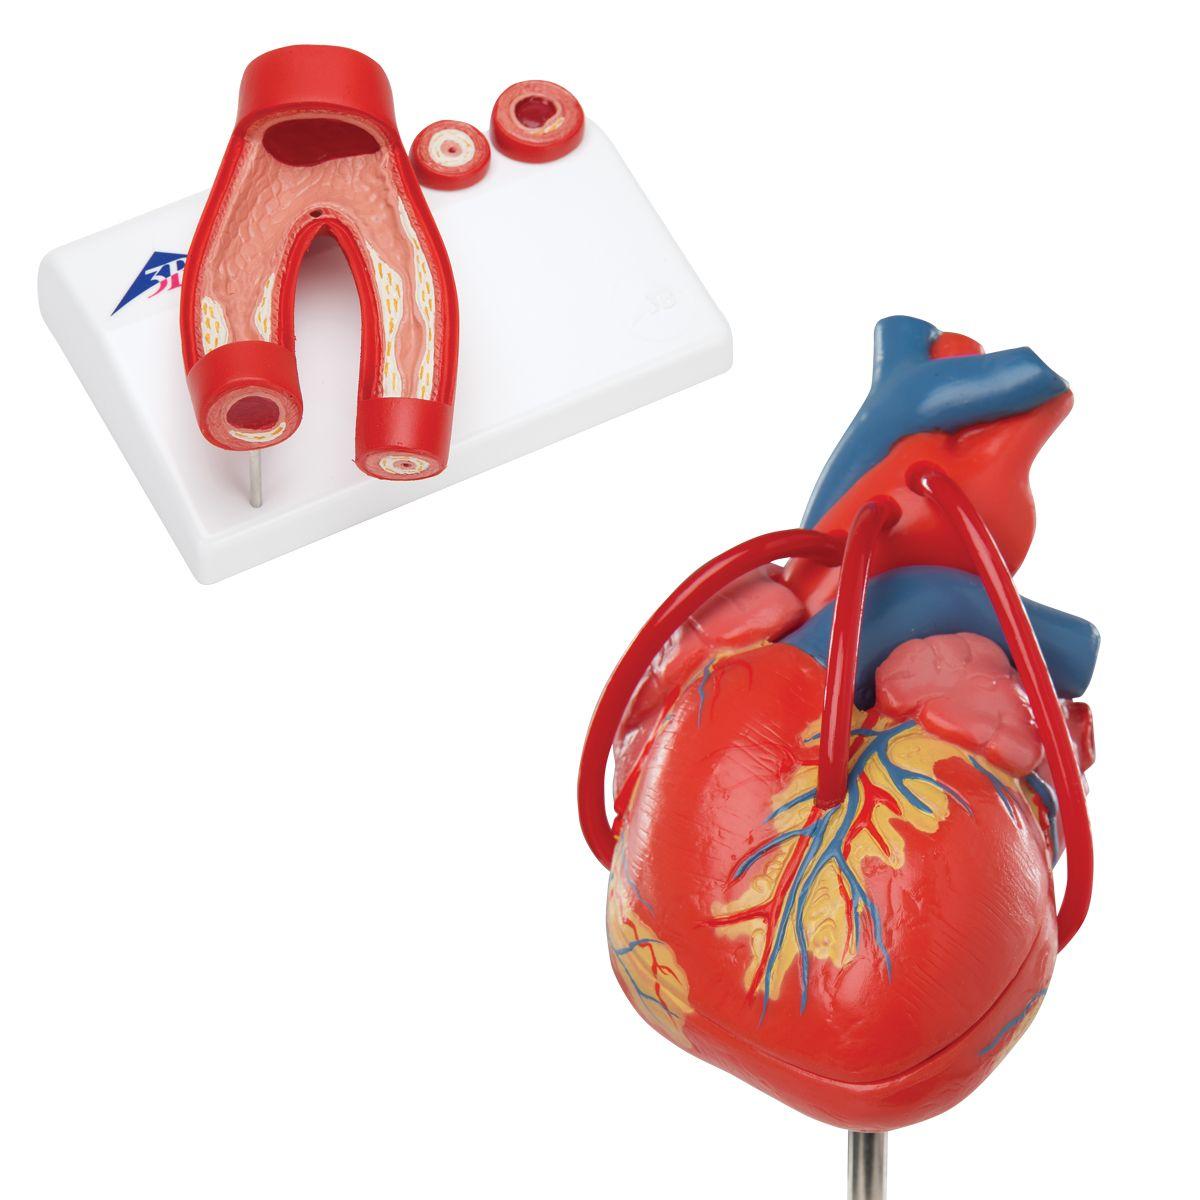 Anatomie Set Herz - 8000845 - Anatomie Sets - 3B Scientific